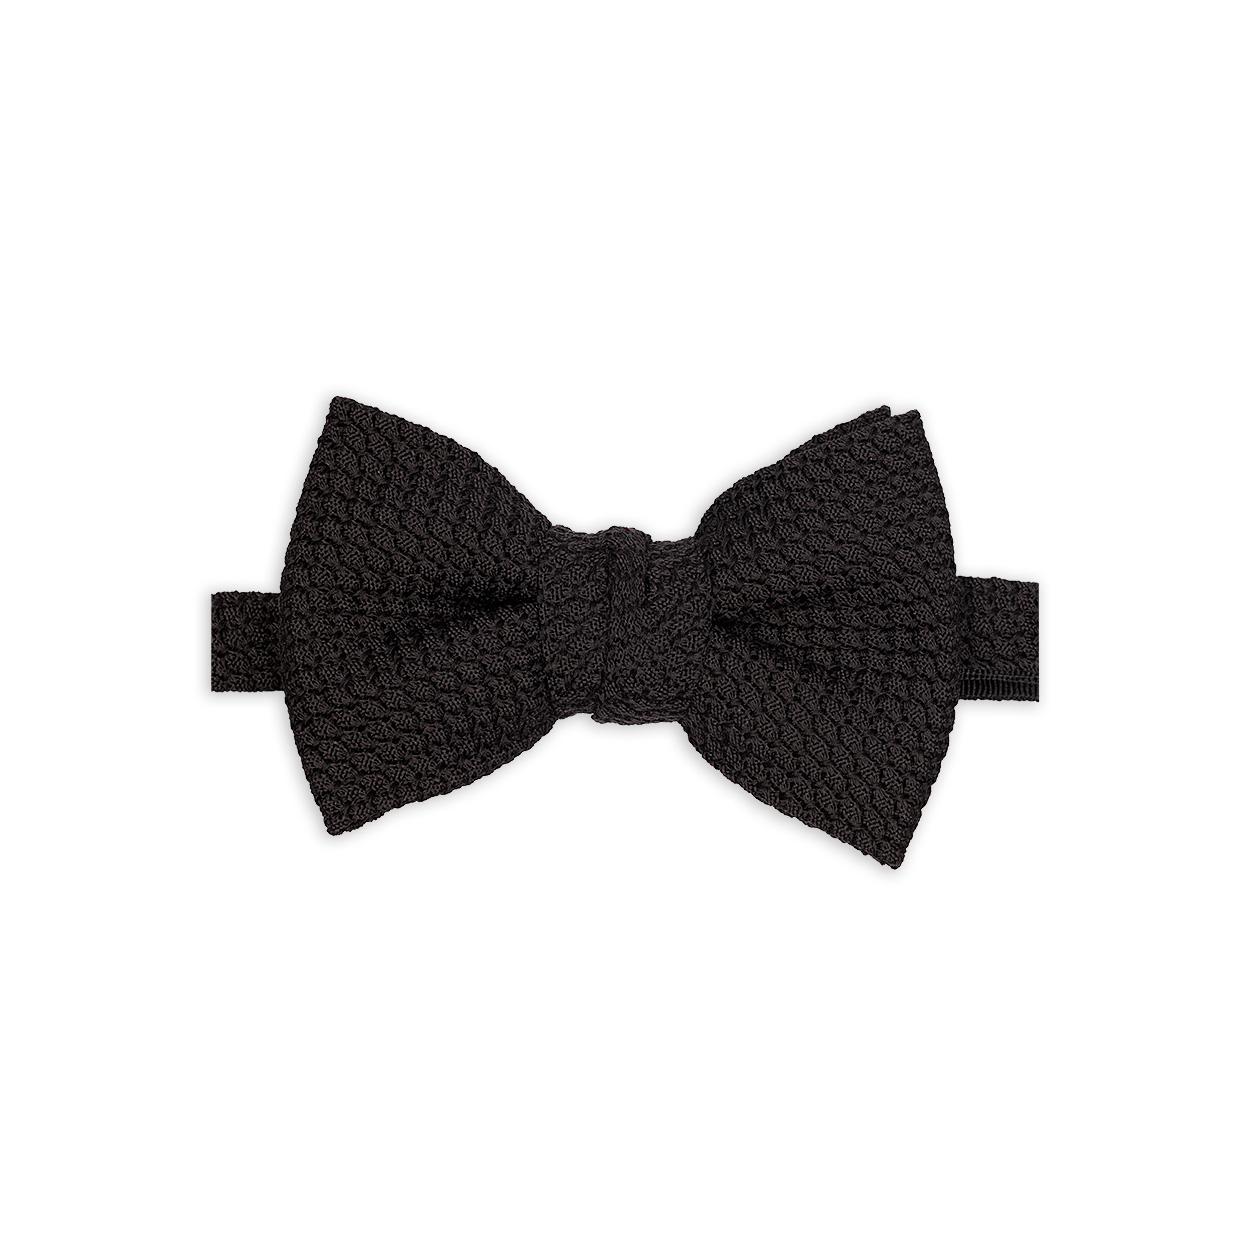 grenadine black bow tie